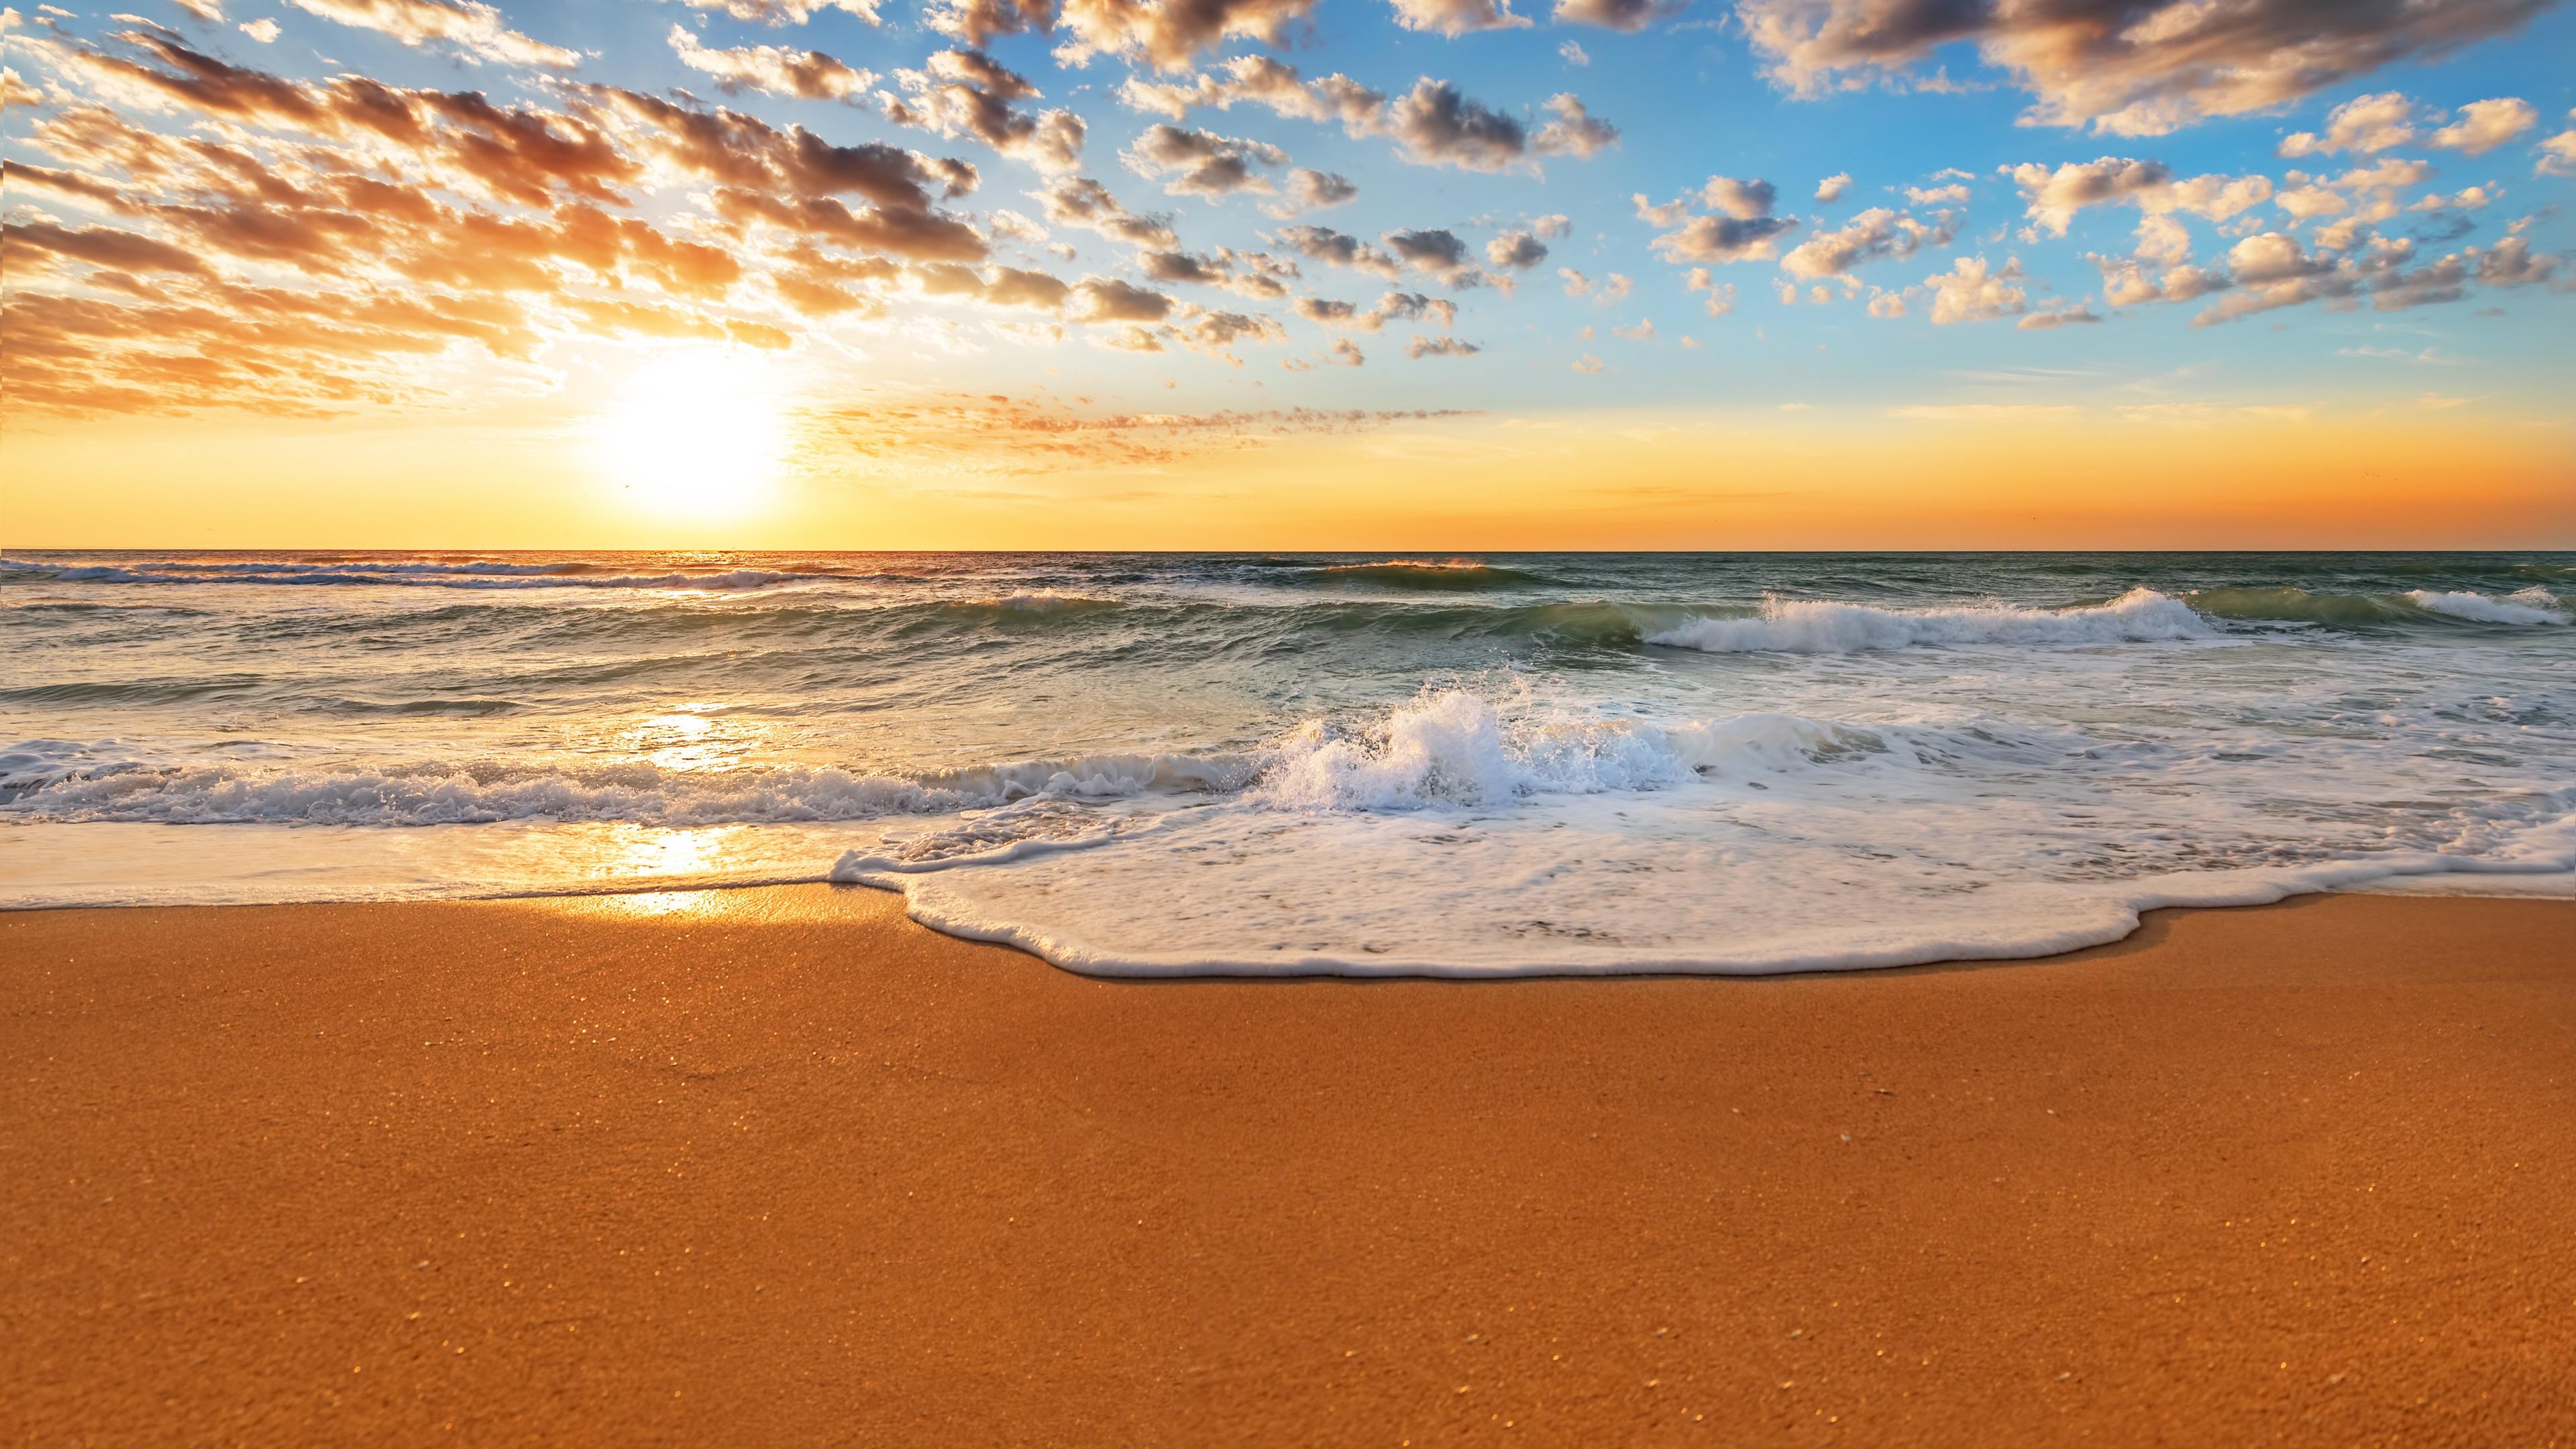 Sunset beach, sands, waves, clouds, sky Wallpaper ...